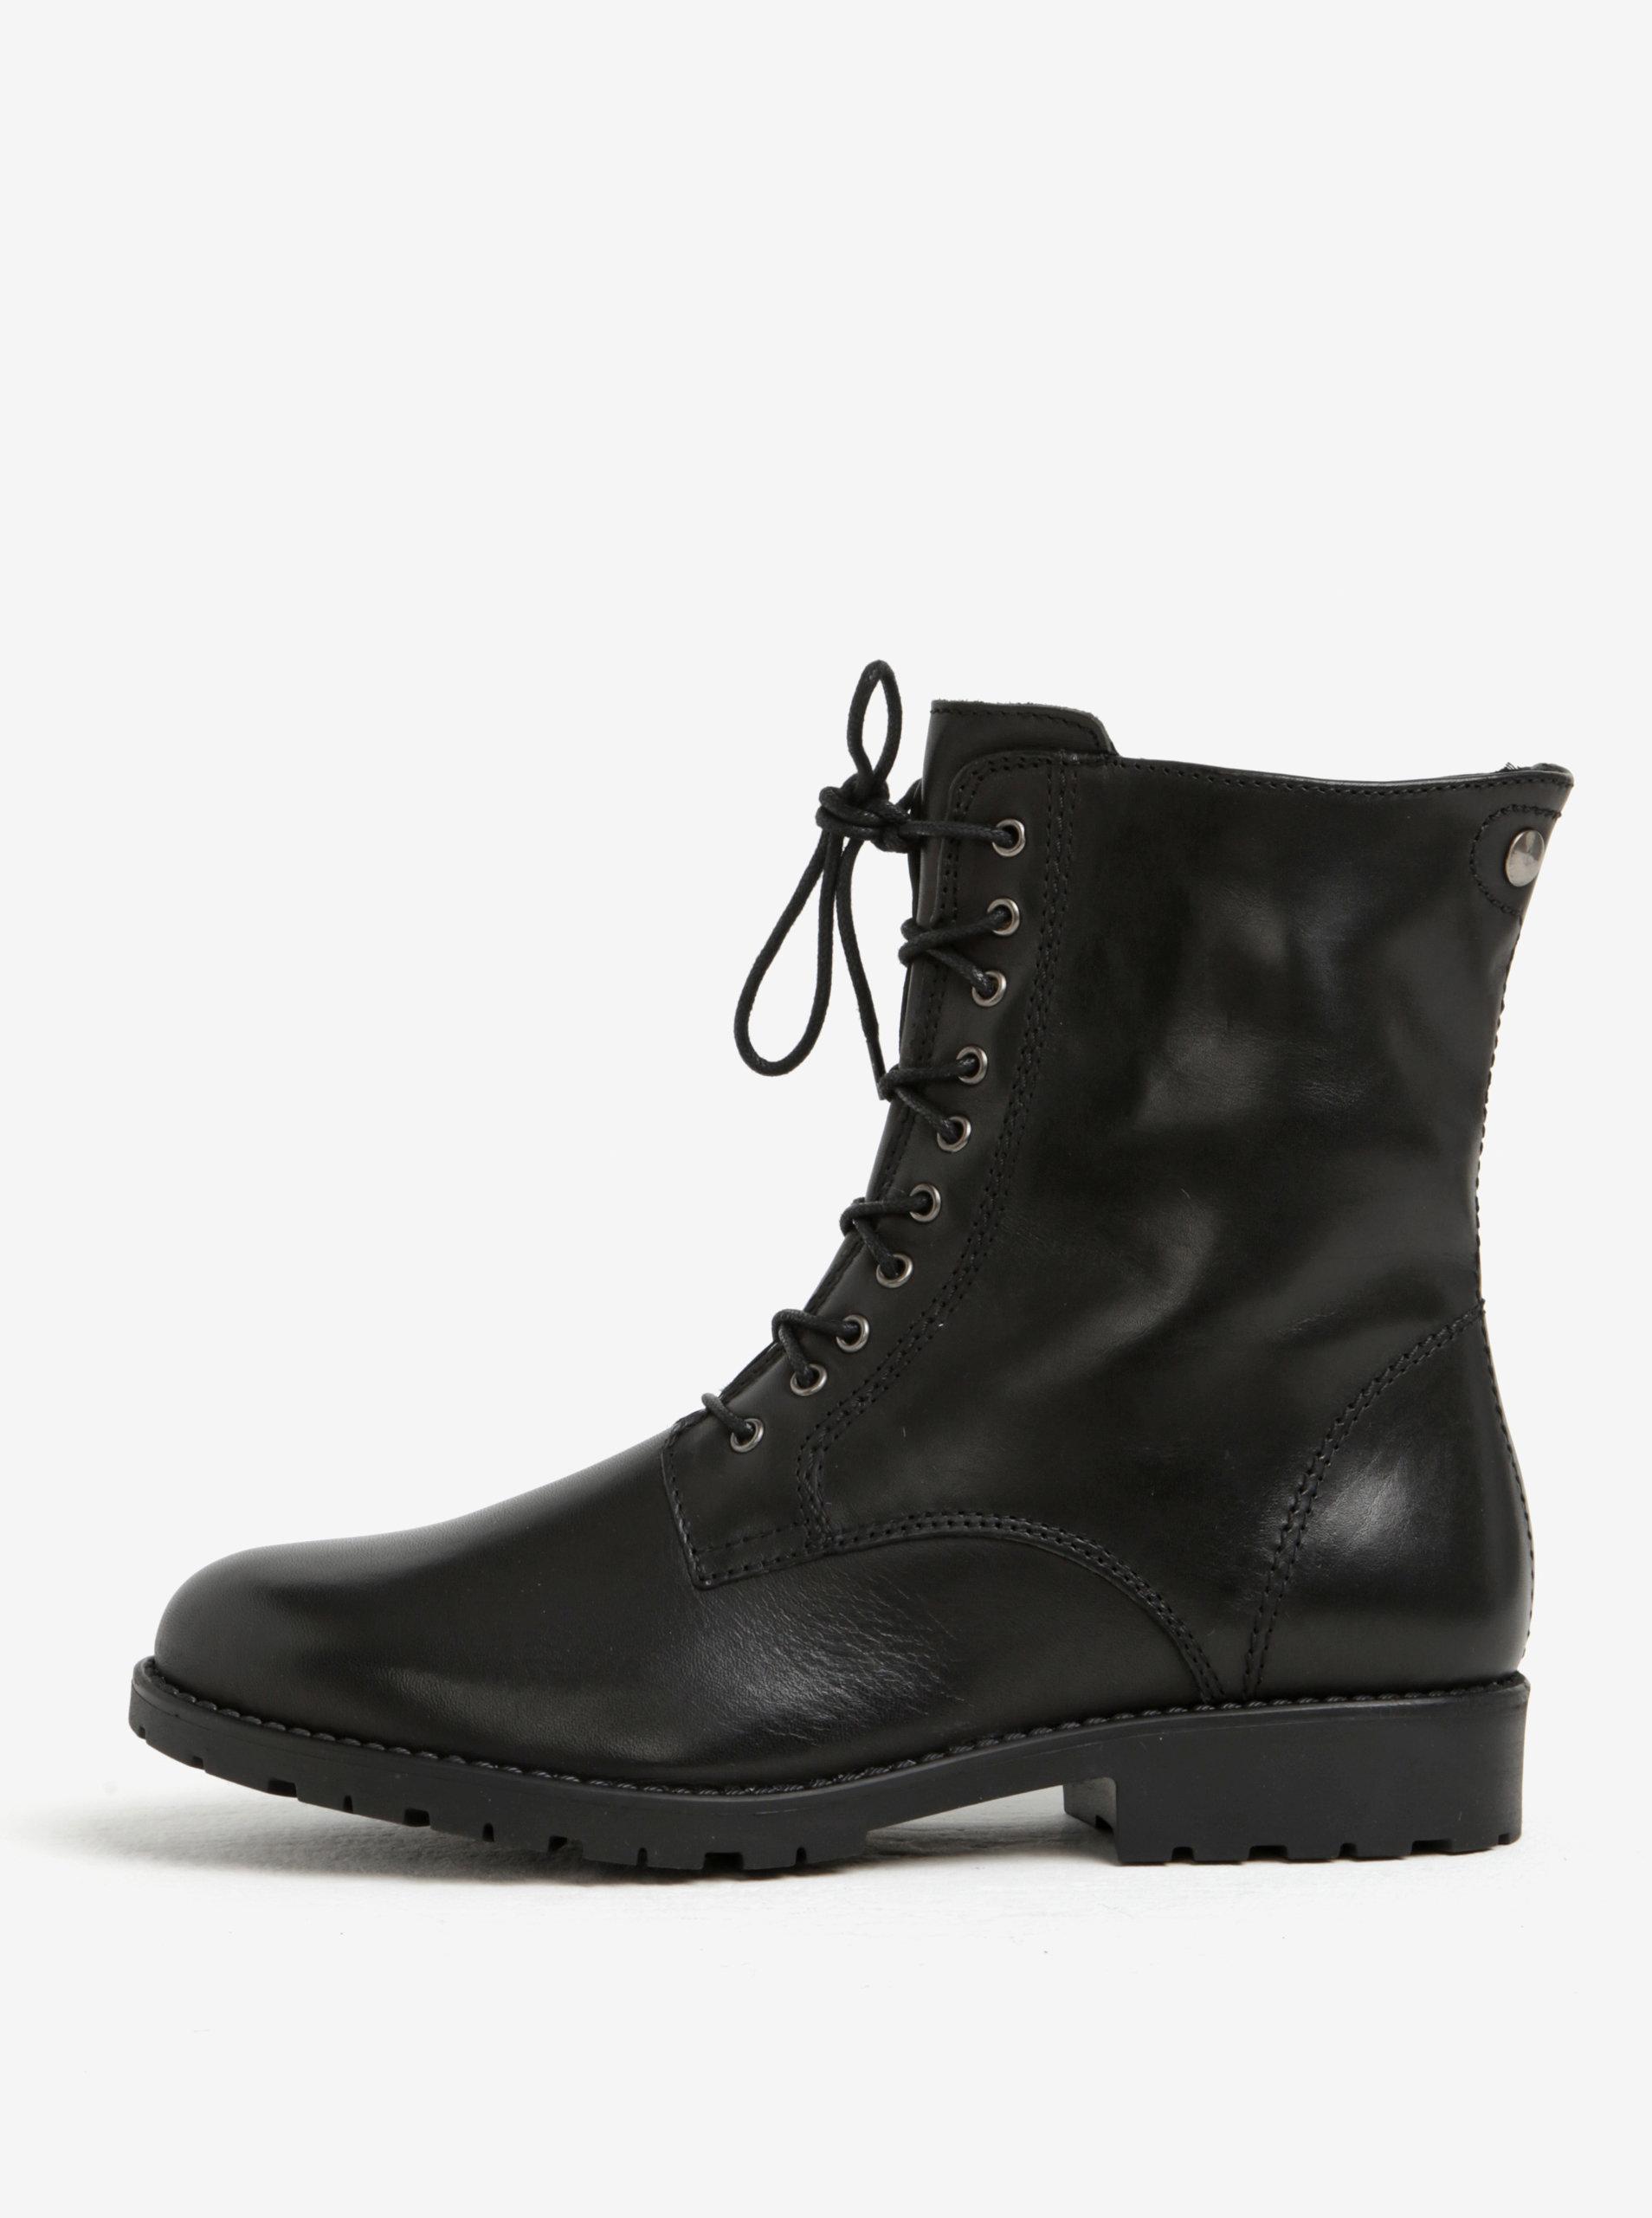 f05aba9756e9 Čierne kožené členkové topánky s vlnenou podšívkou Tamaris ...